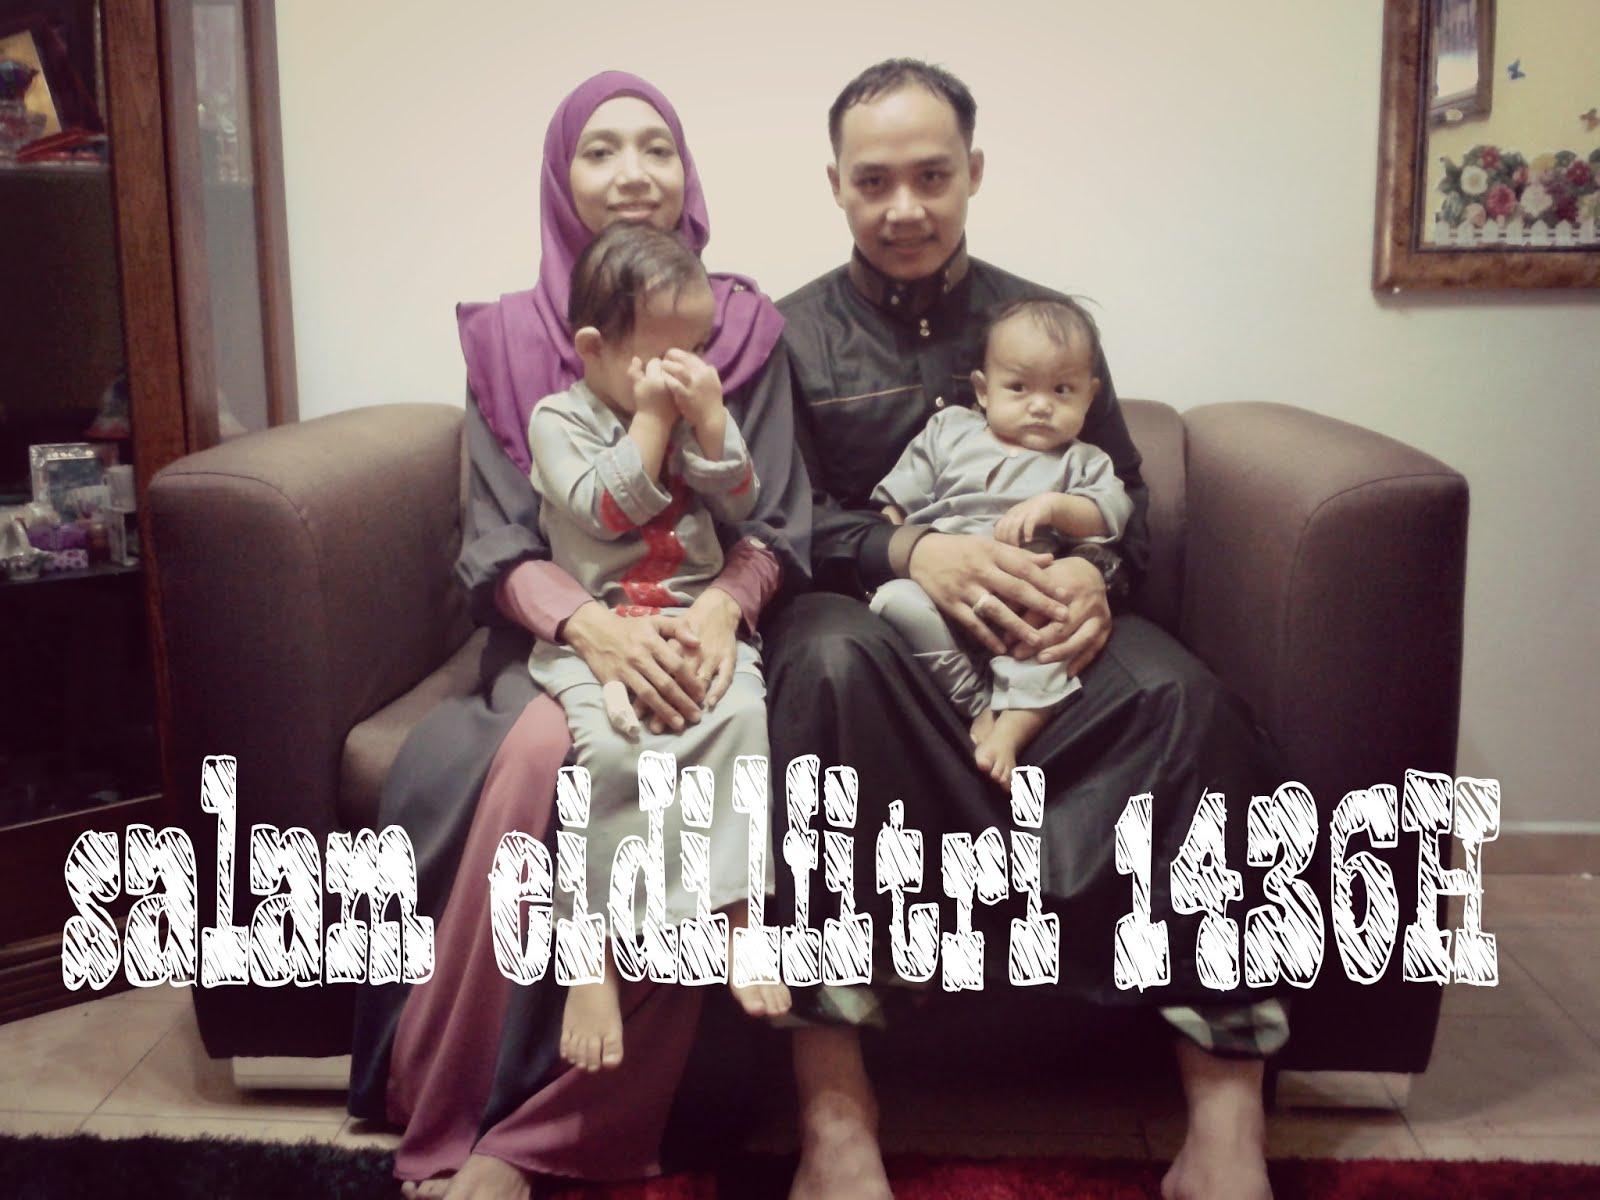 MRFECKRY'S FAMILY